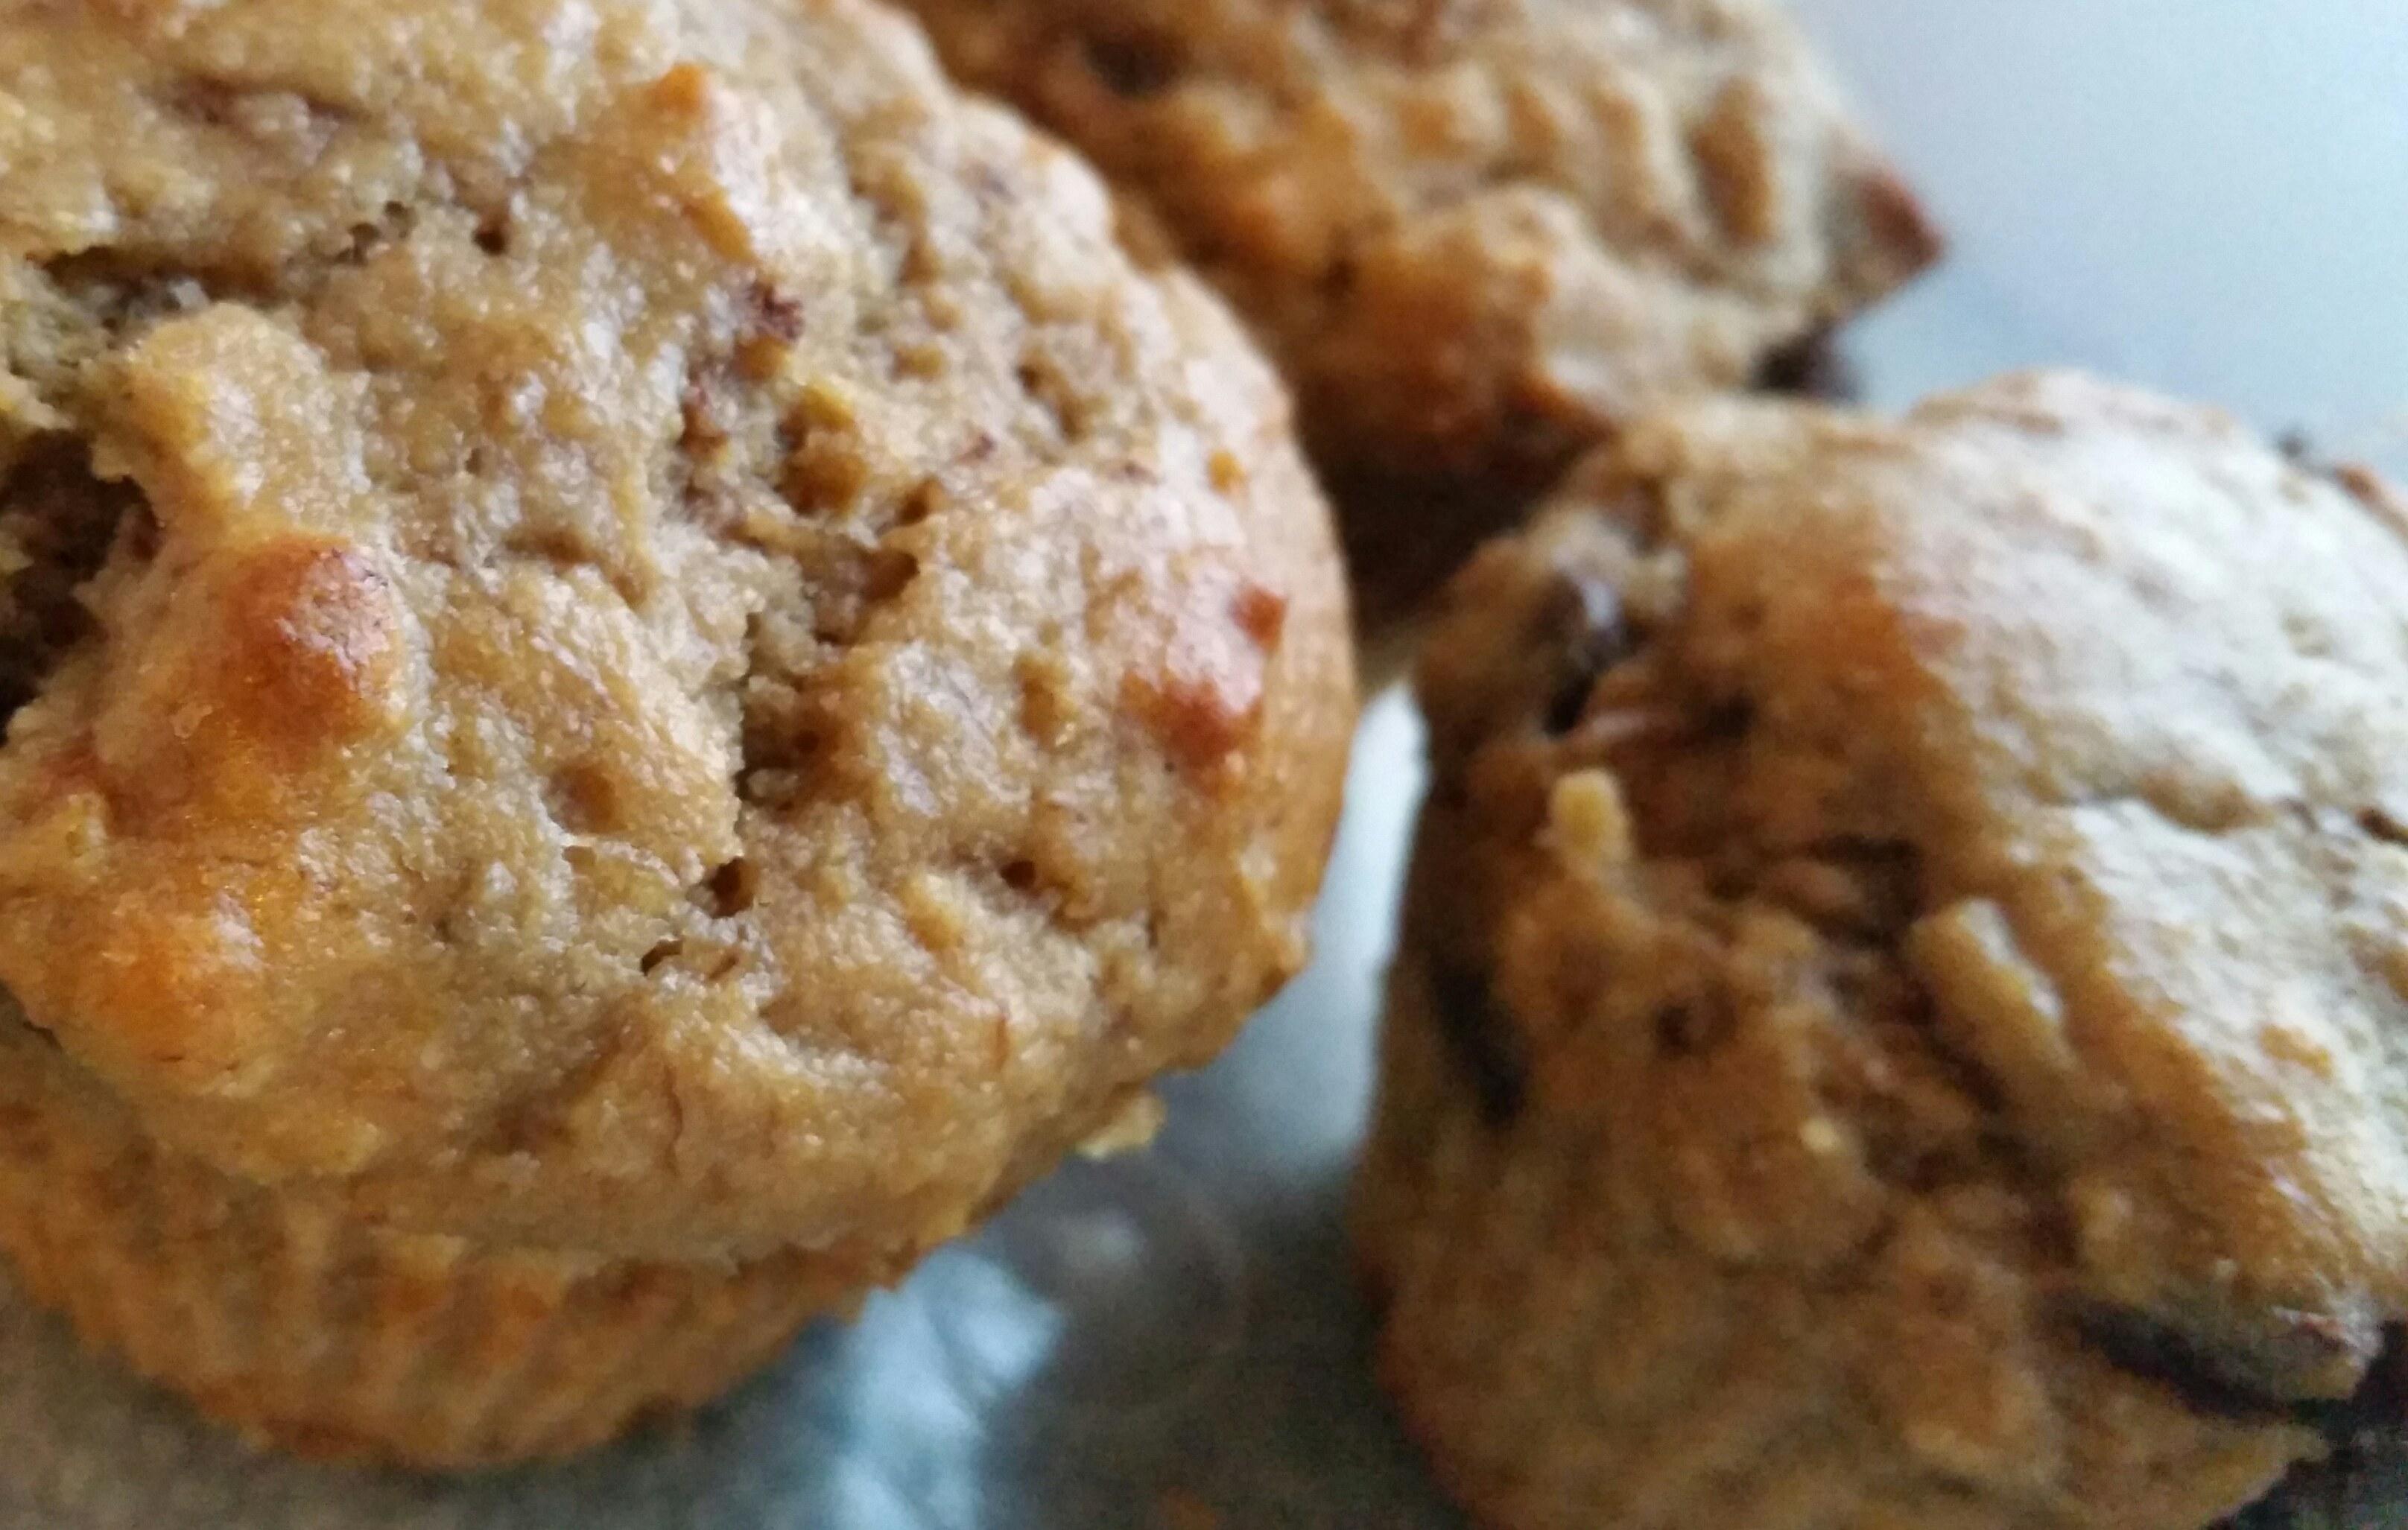 Recipe: Peanut Butter-Banana Muffins